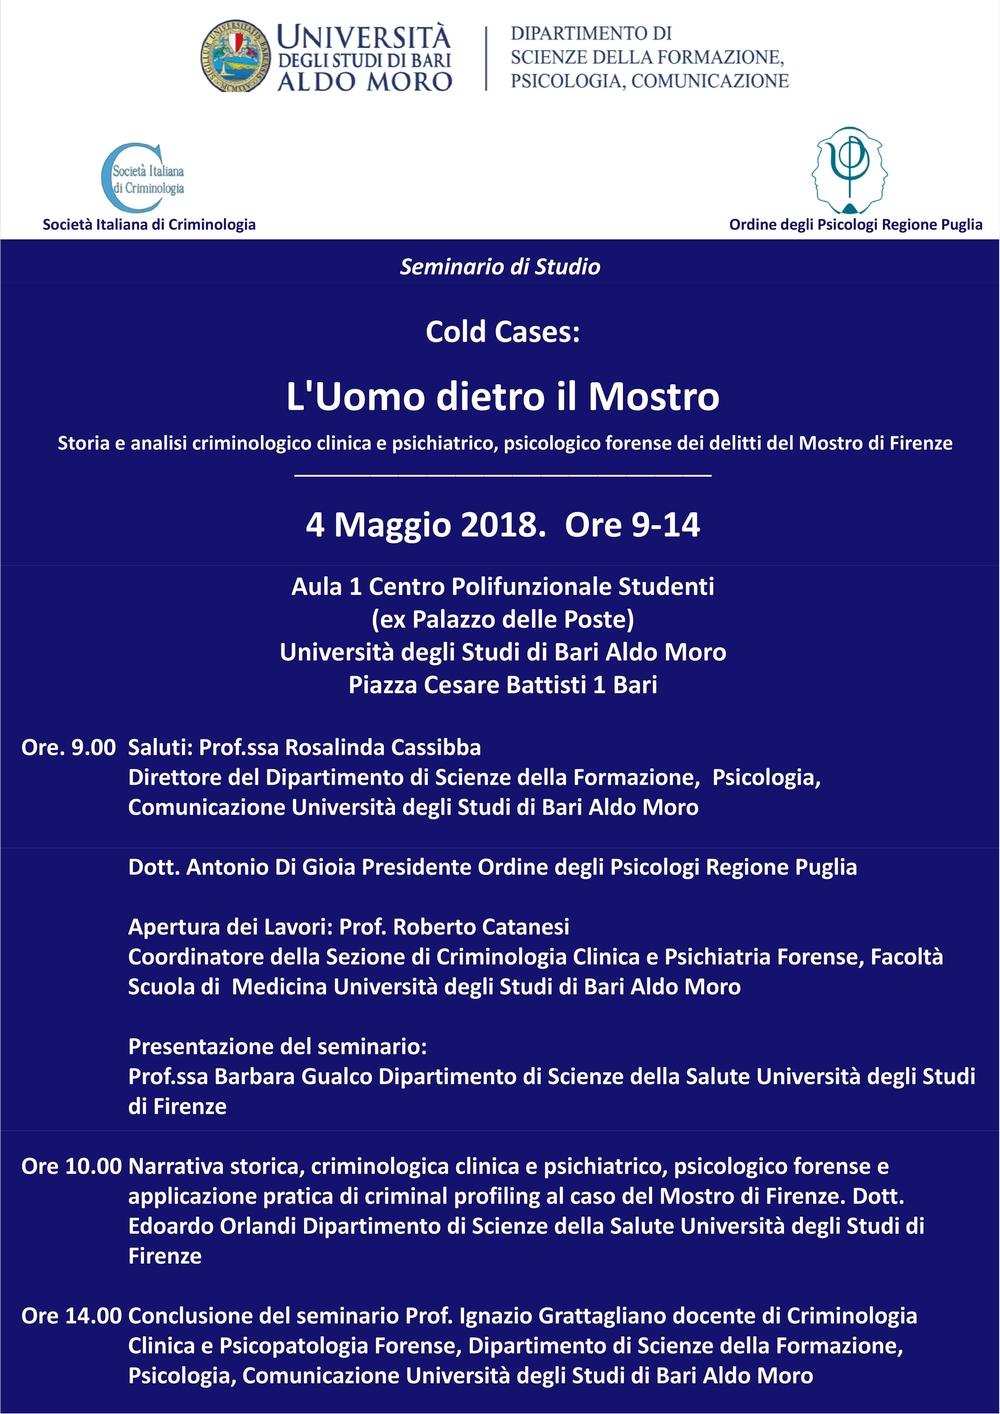 Cold cases l 39 uomo dietro il mostro eventi patrocinati for Societa italiana di criminologia